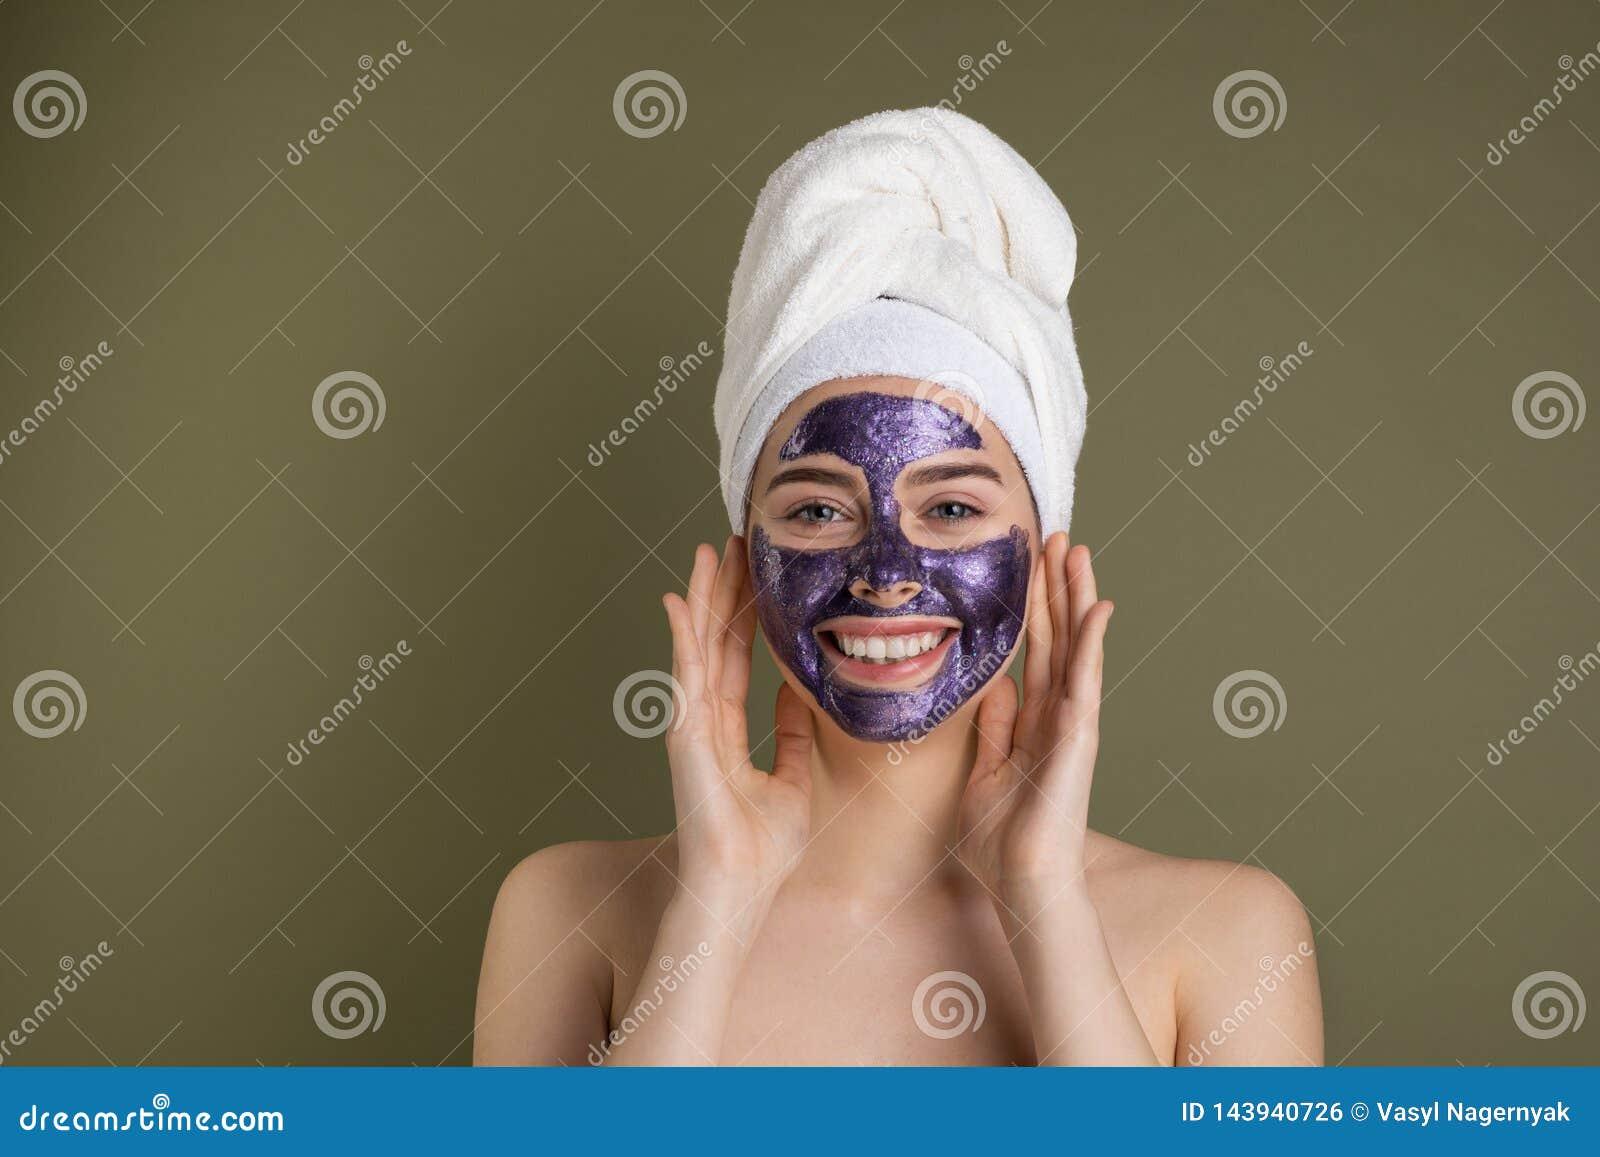 Επεξεργασίες προσοχής και ομορφιάς προσώπου Ευτυχής γυναίκα με την πορφυρή ενυδατική μάσκα υφασμάτων στο πρόσωπό της